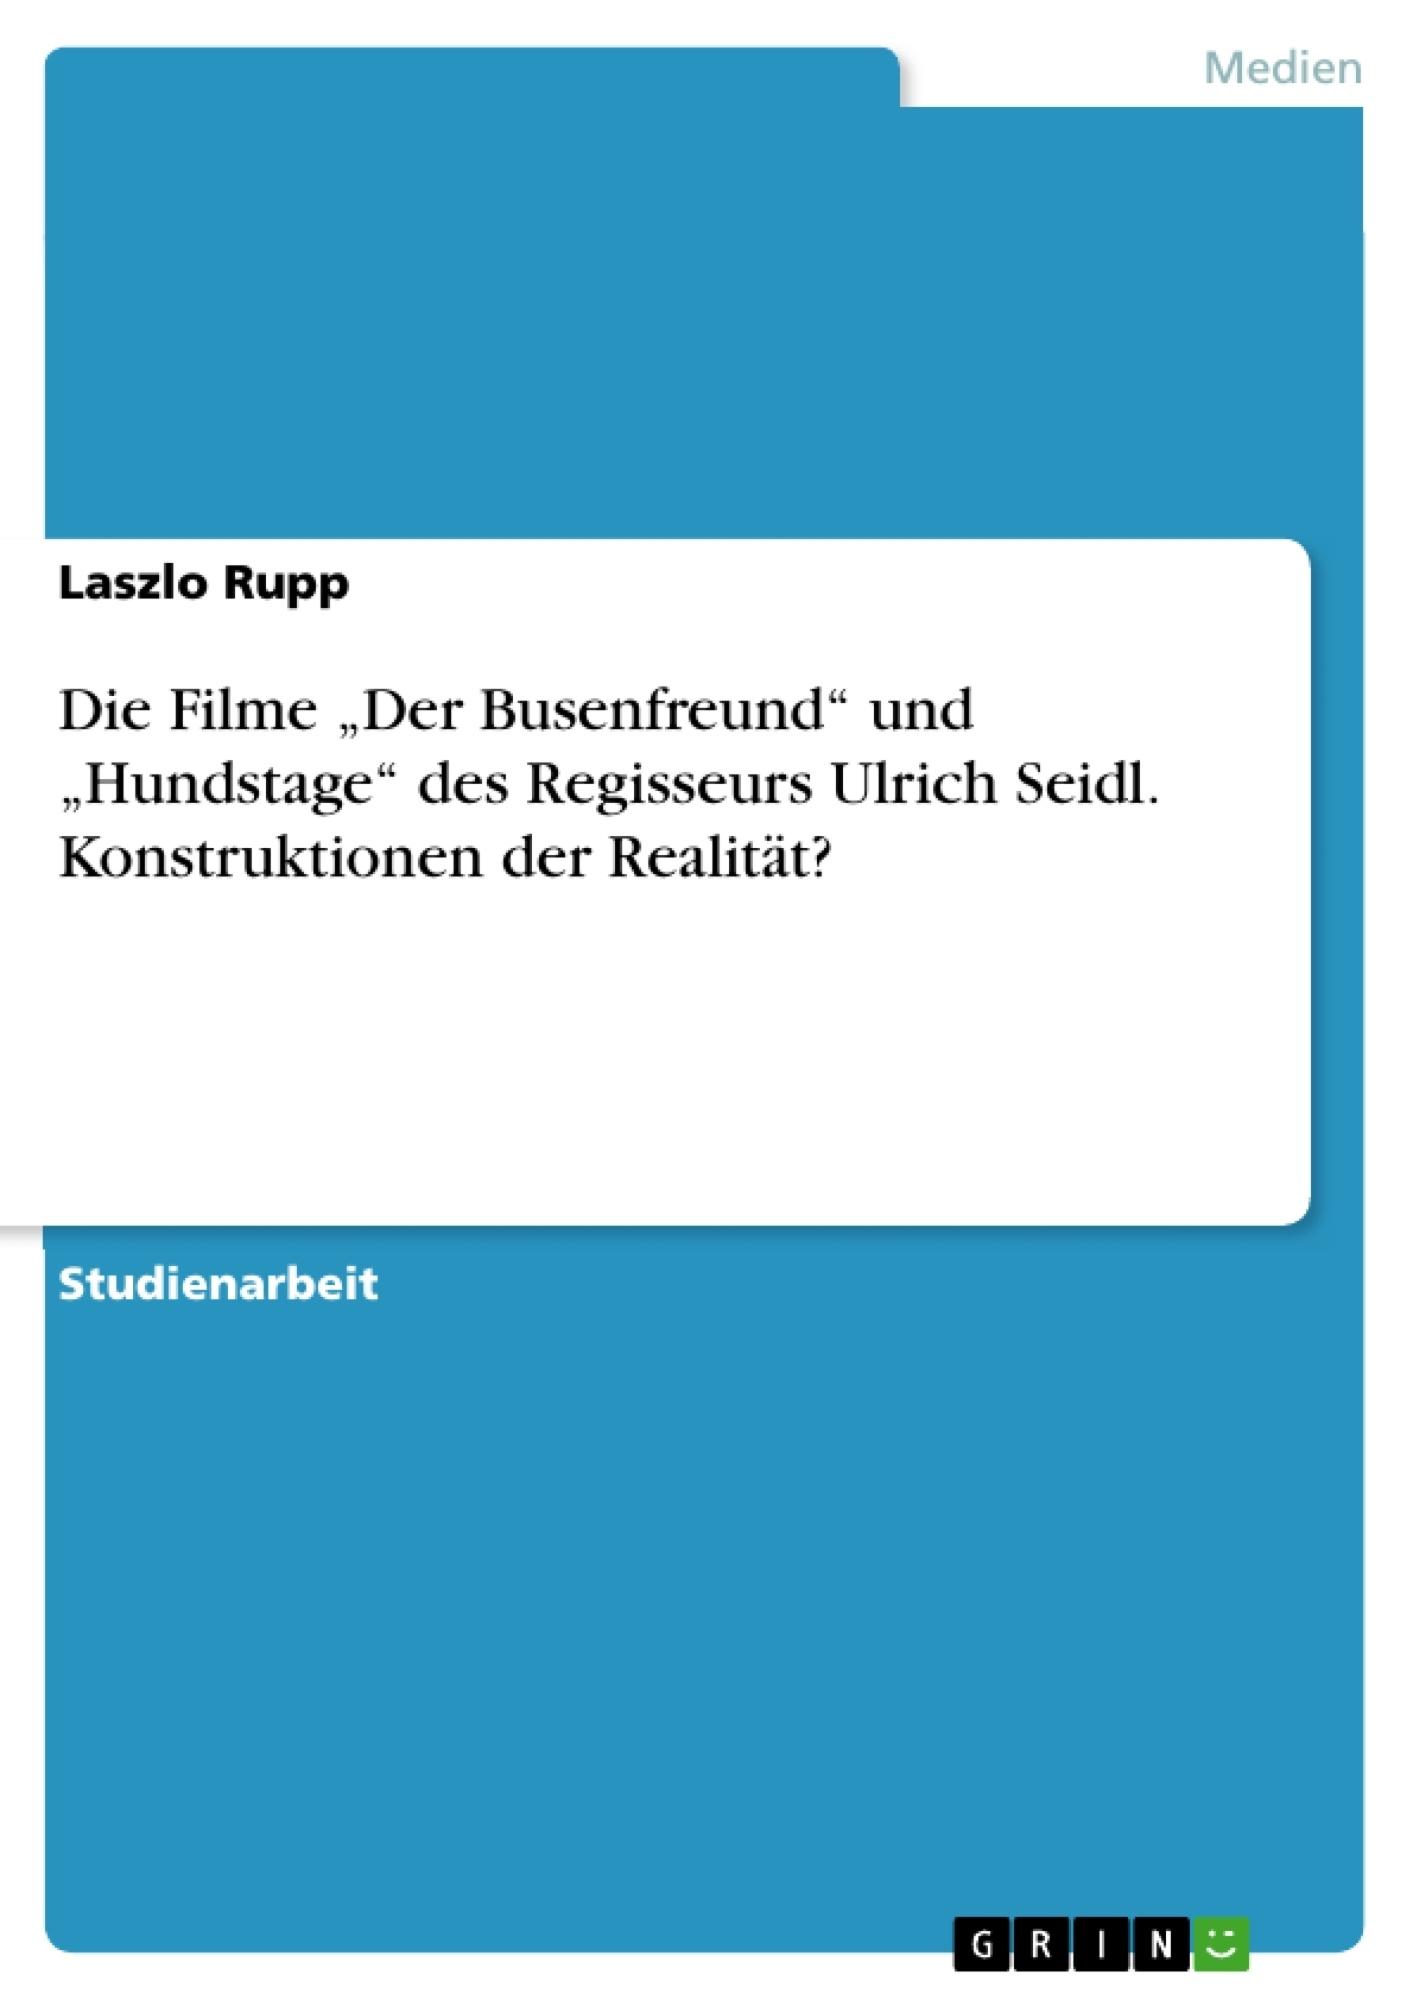 """Titel: Die Filme """"Der Busenfreund"""" und """"Hundstage"""" des Regisseurs Ulrich Seidl. Konstruktionen der Realität?"""